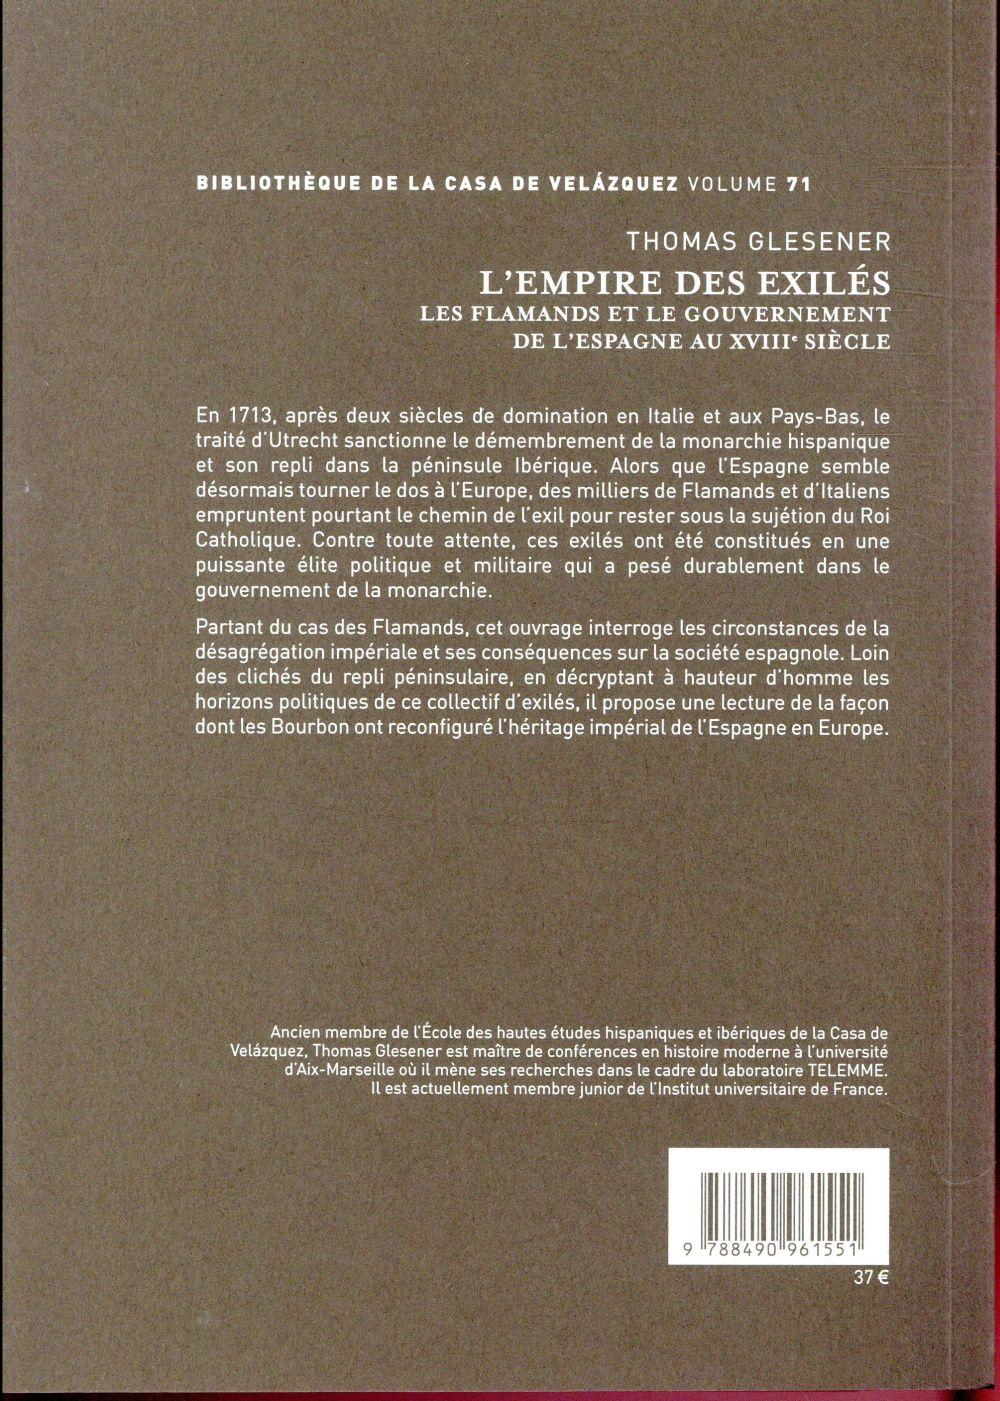 L'empire des exilés